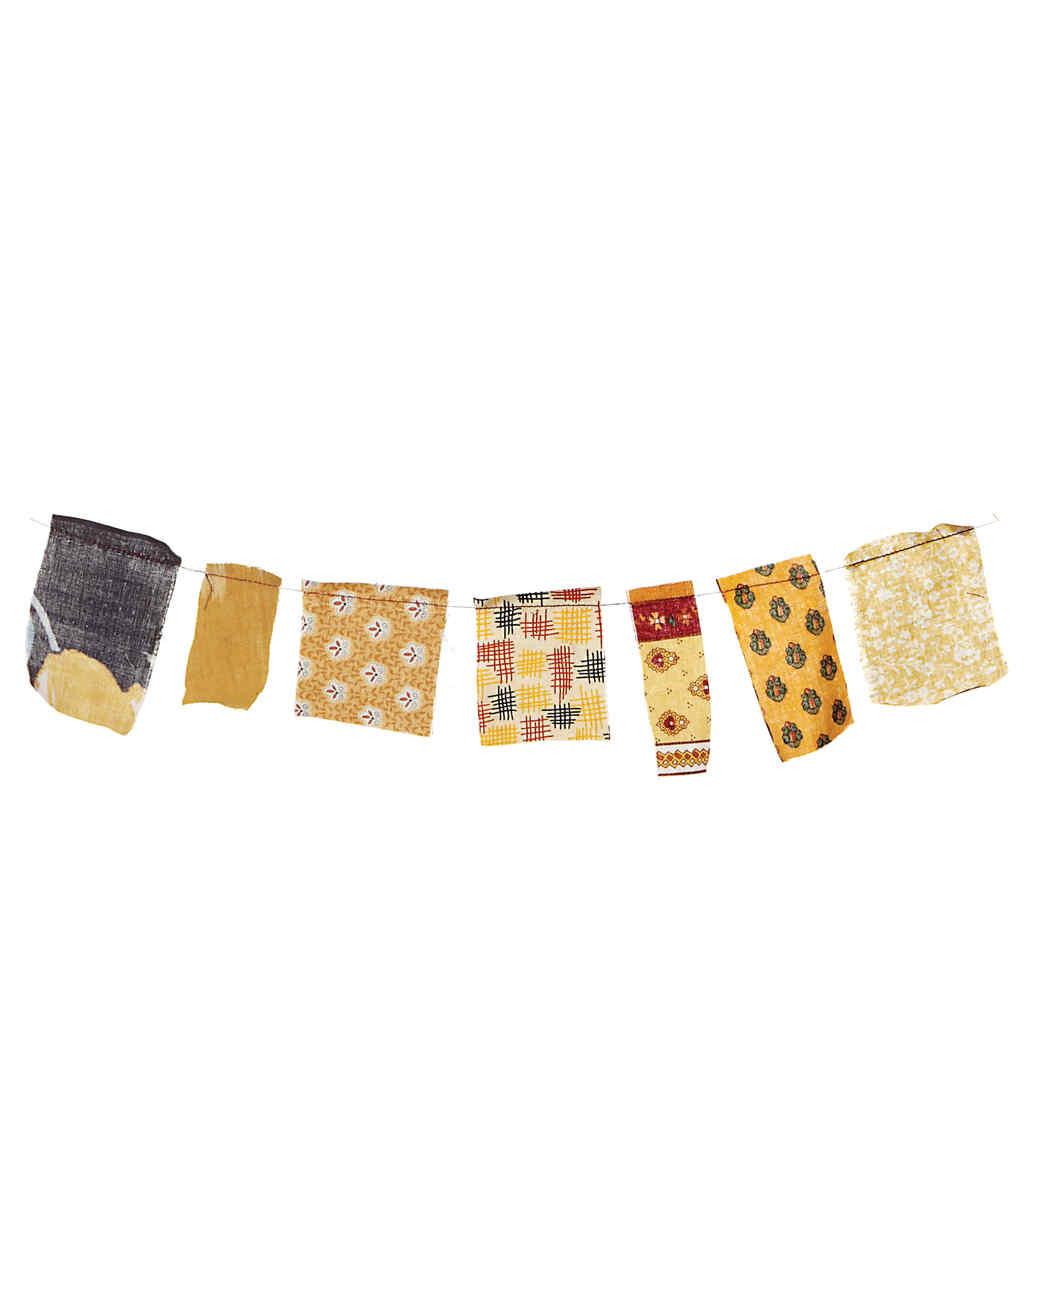 josie-mother-handmade-flags-2-mld110379.jpg